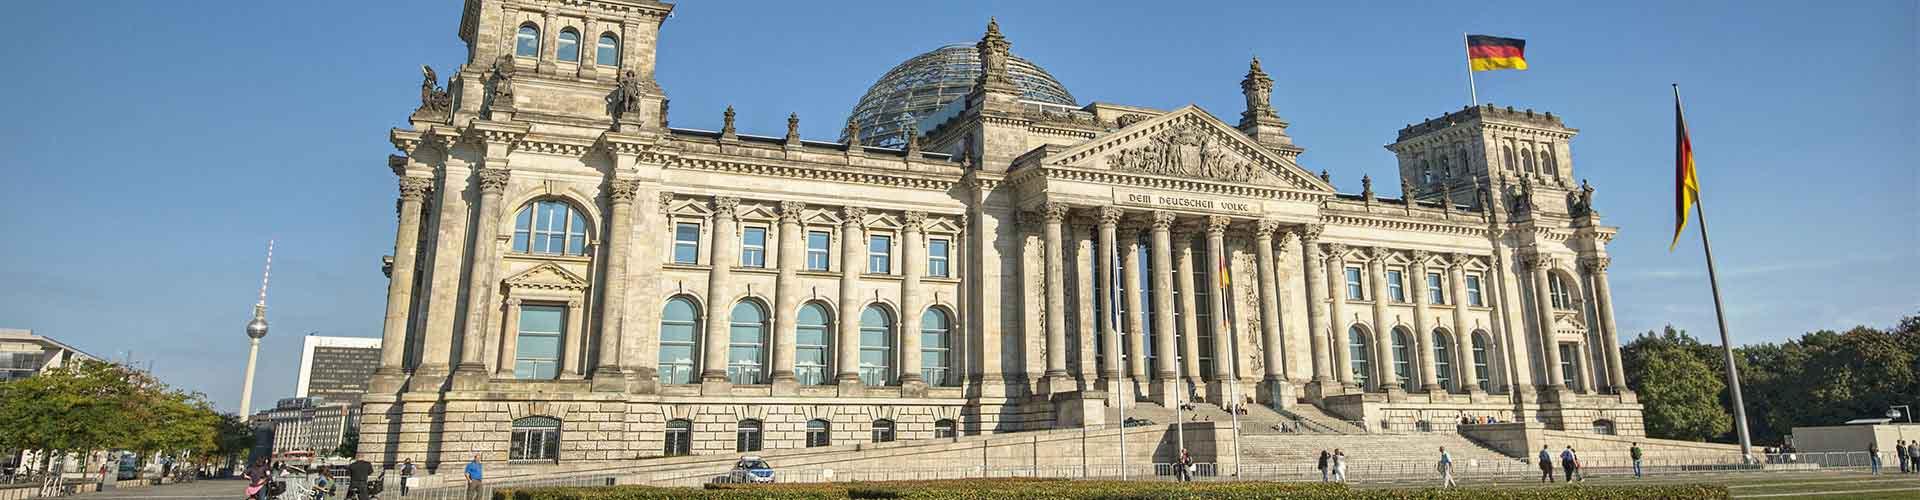 Berlin - Hostele w pobliżu: Budynek Reichstagu. Mapy: Berlin, Zdjęcia i Recenzje dla każdego hostelu w mieście: Berlin.